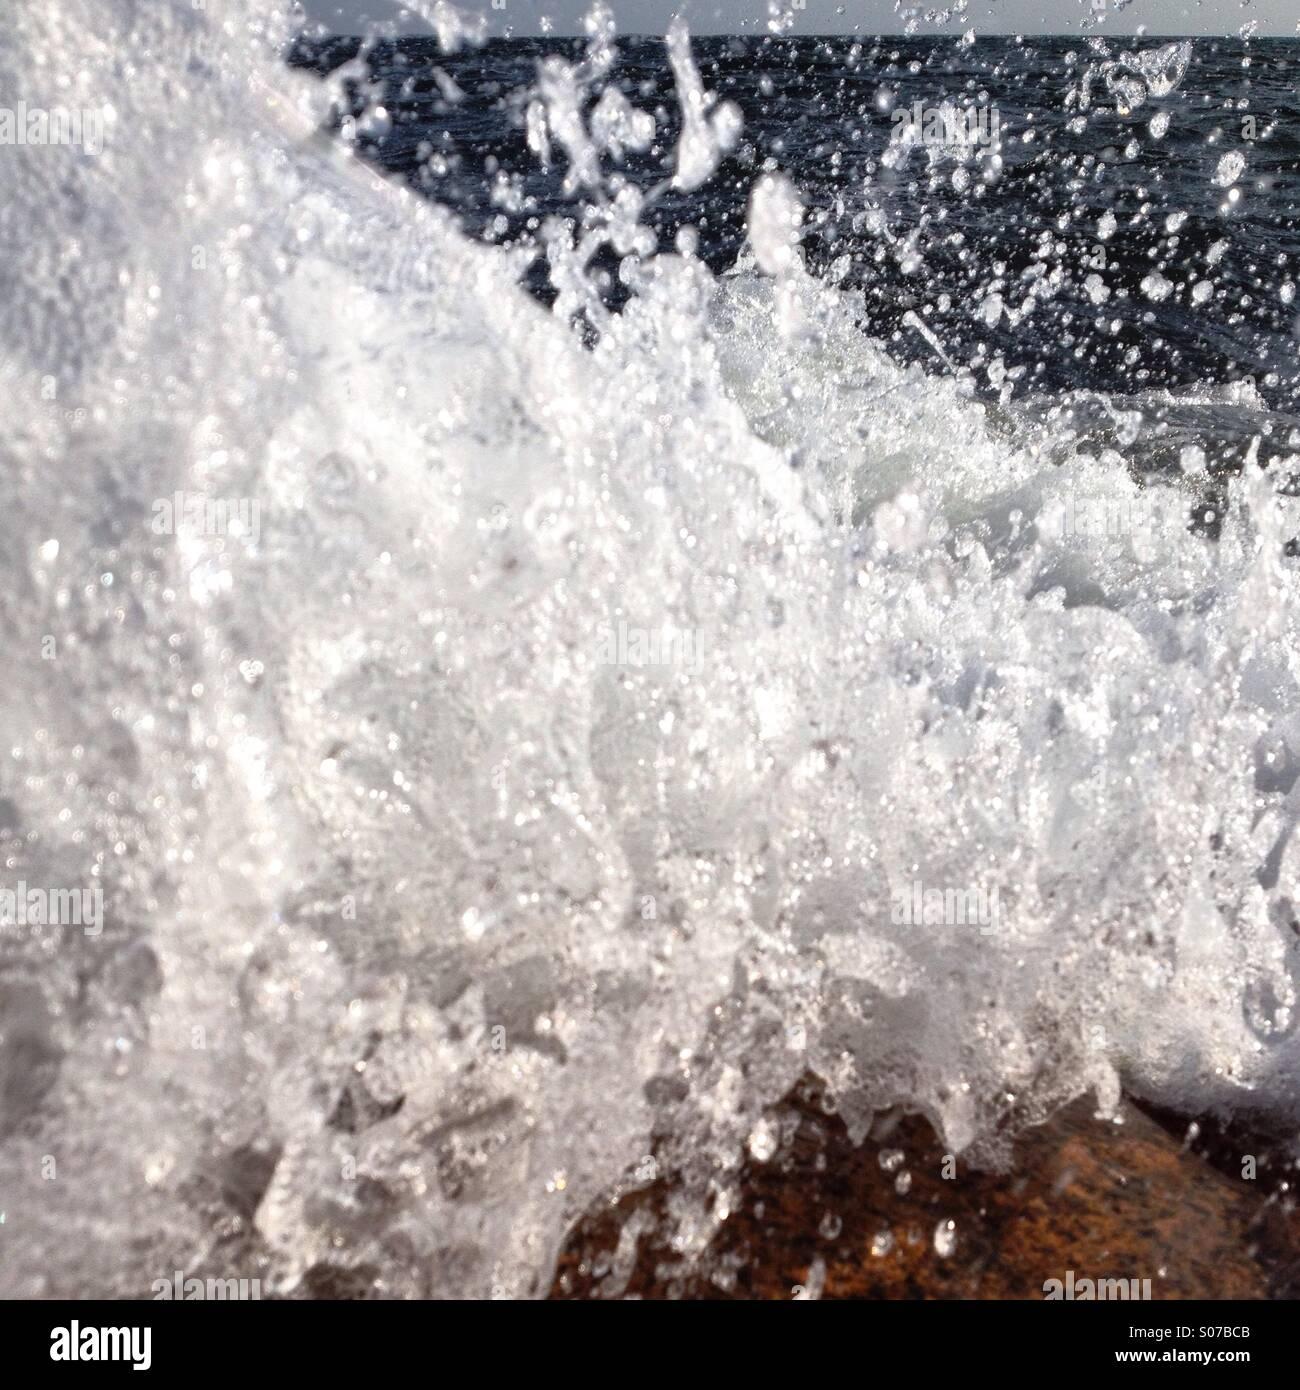 Une vague se brisant sur les rochers capturé au dernier moment avant qu'elle ne touche l'objectif Banque D'Images